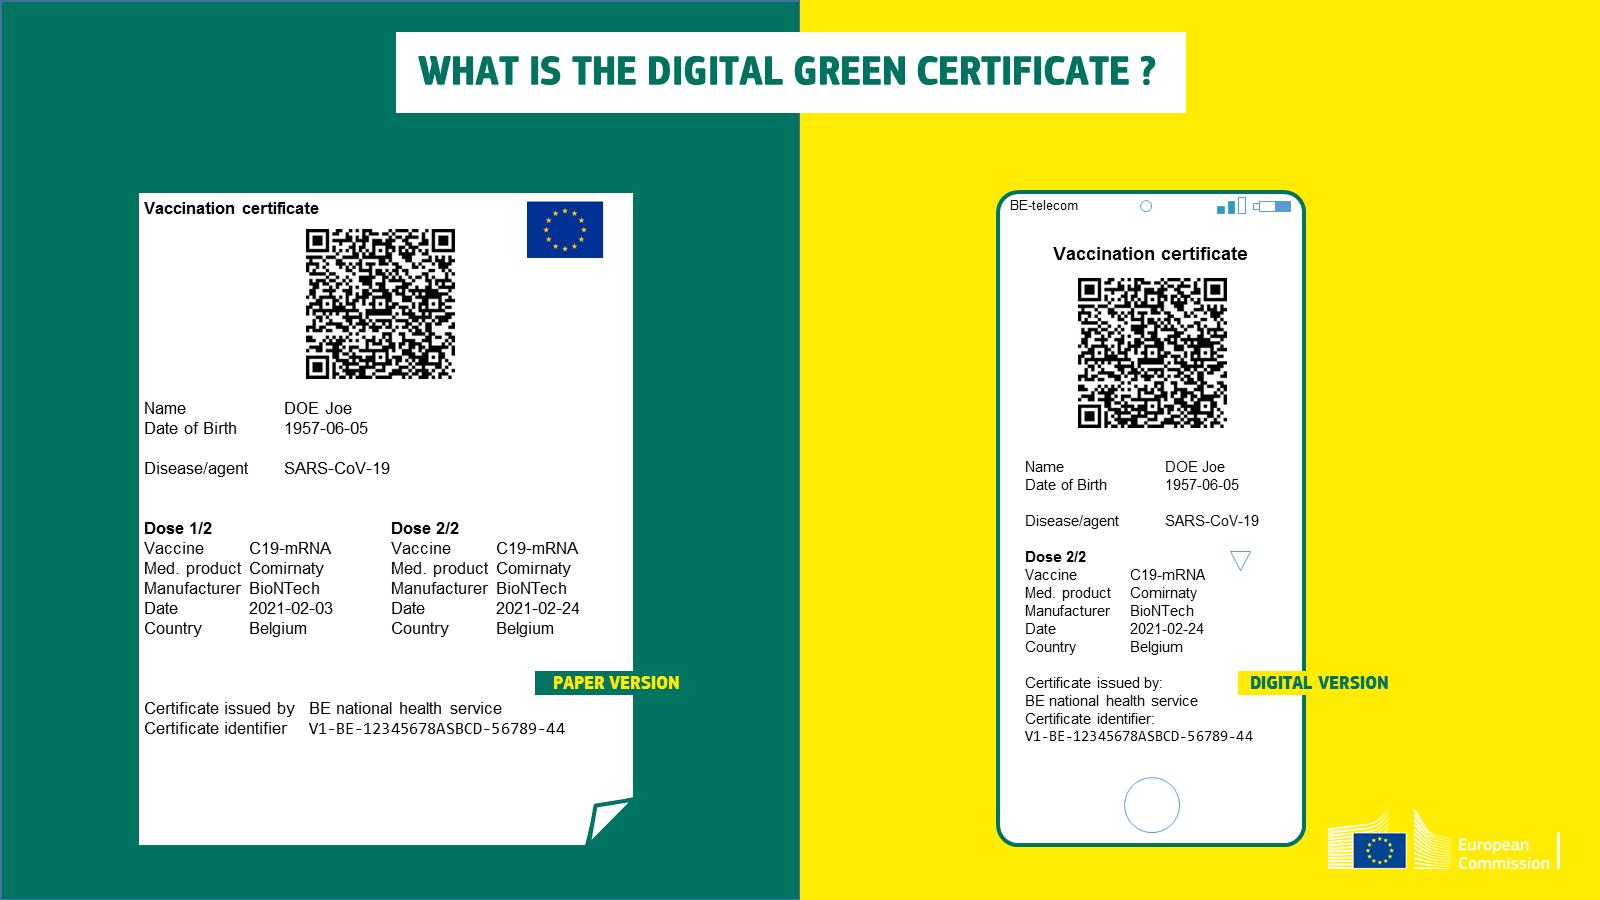 Digital Green Certificate: la Joint Opinion di EDPB ed EDPS in merito alla tutela dei dati personali e al rispetto del GDPR.